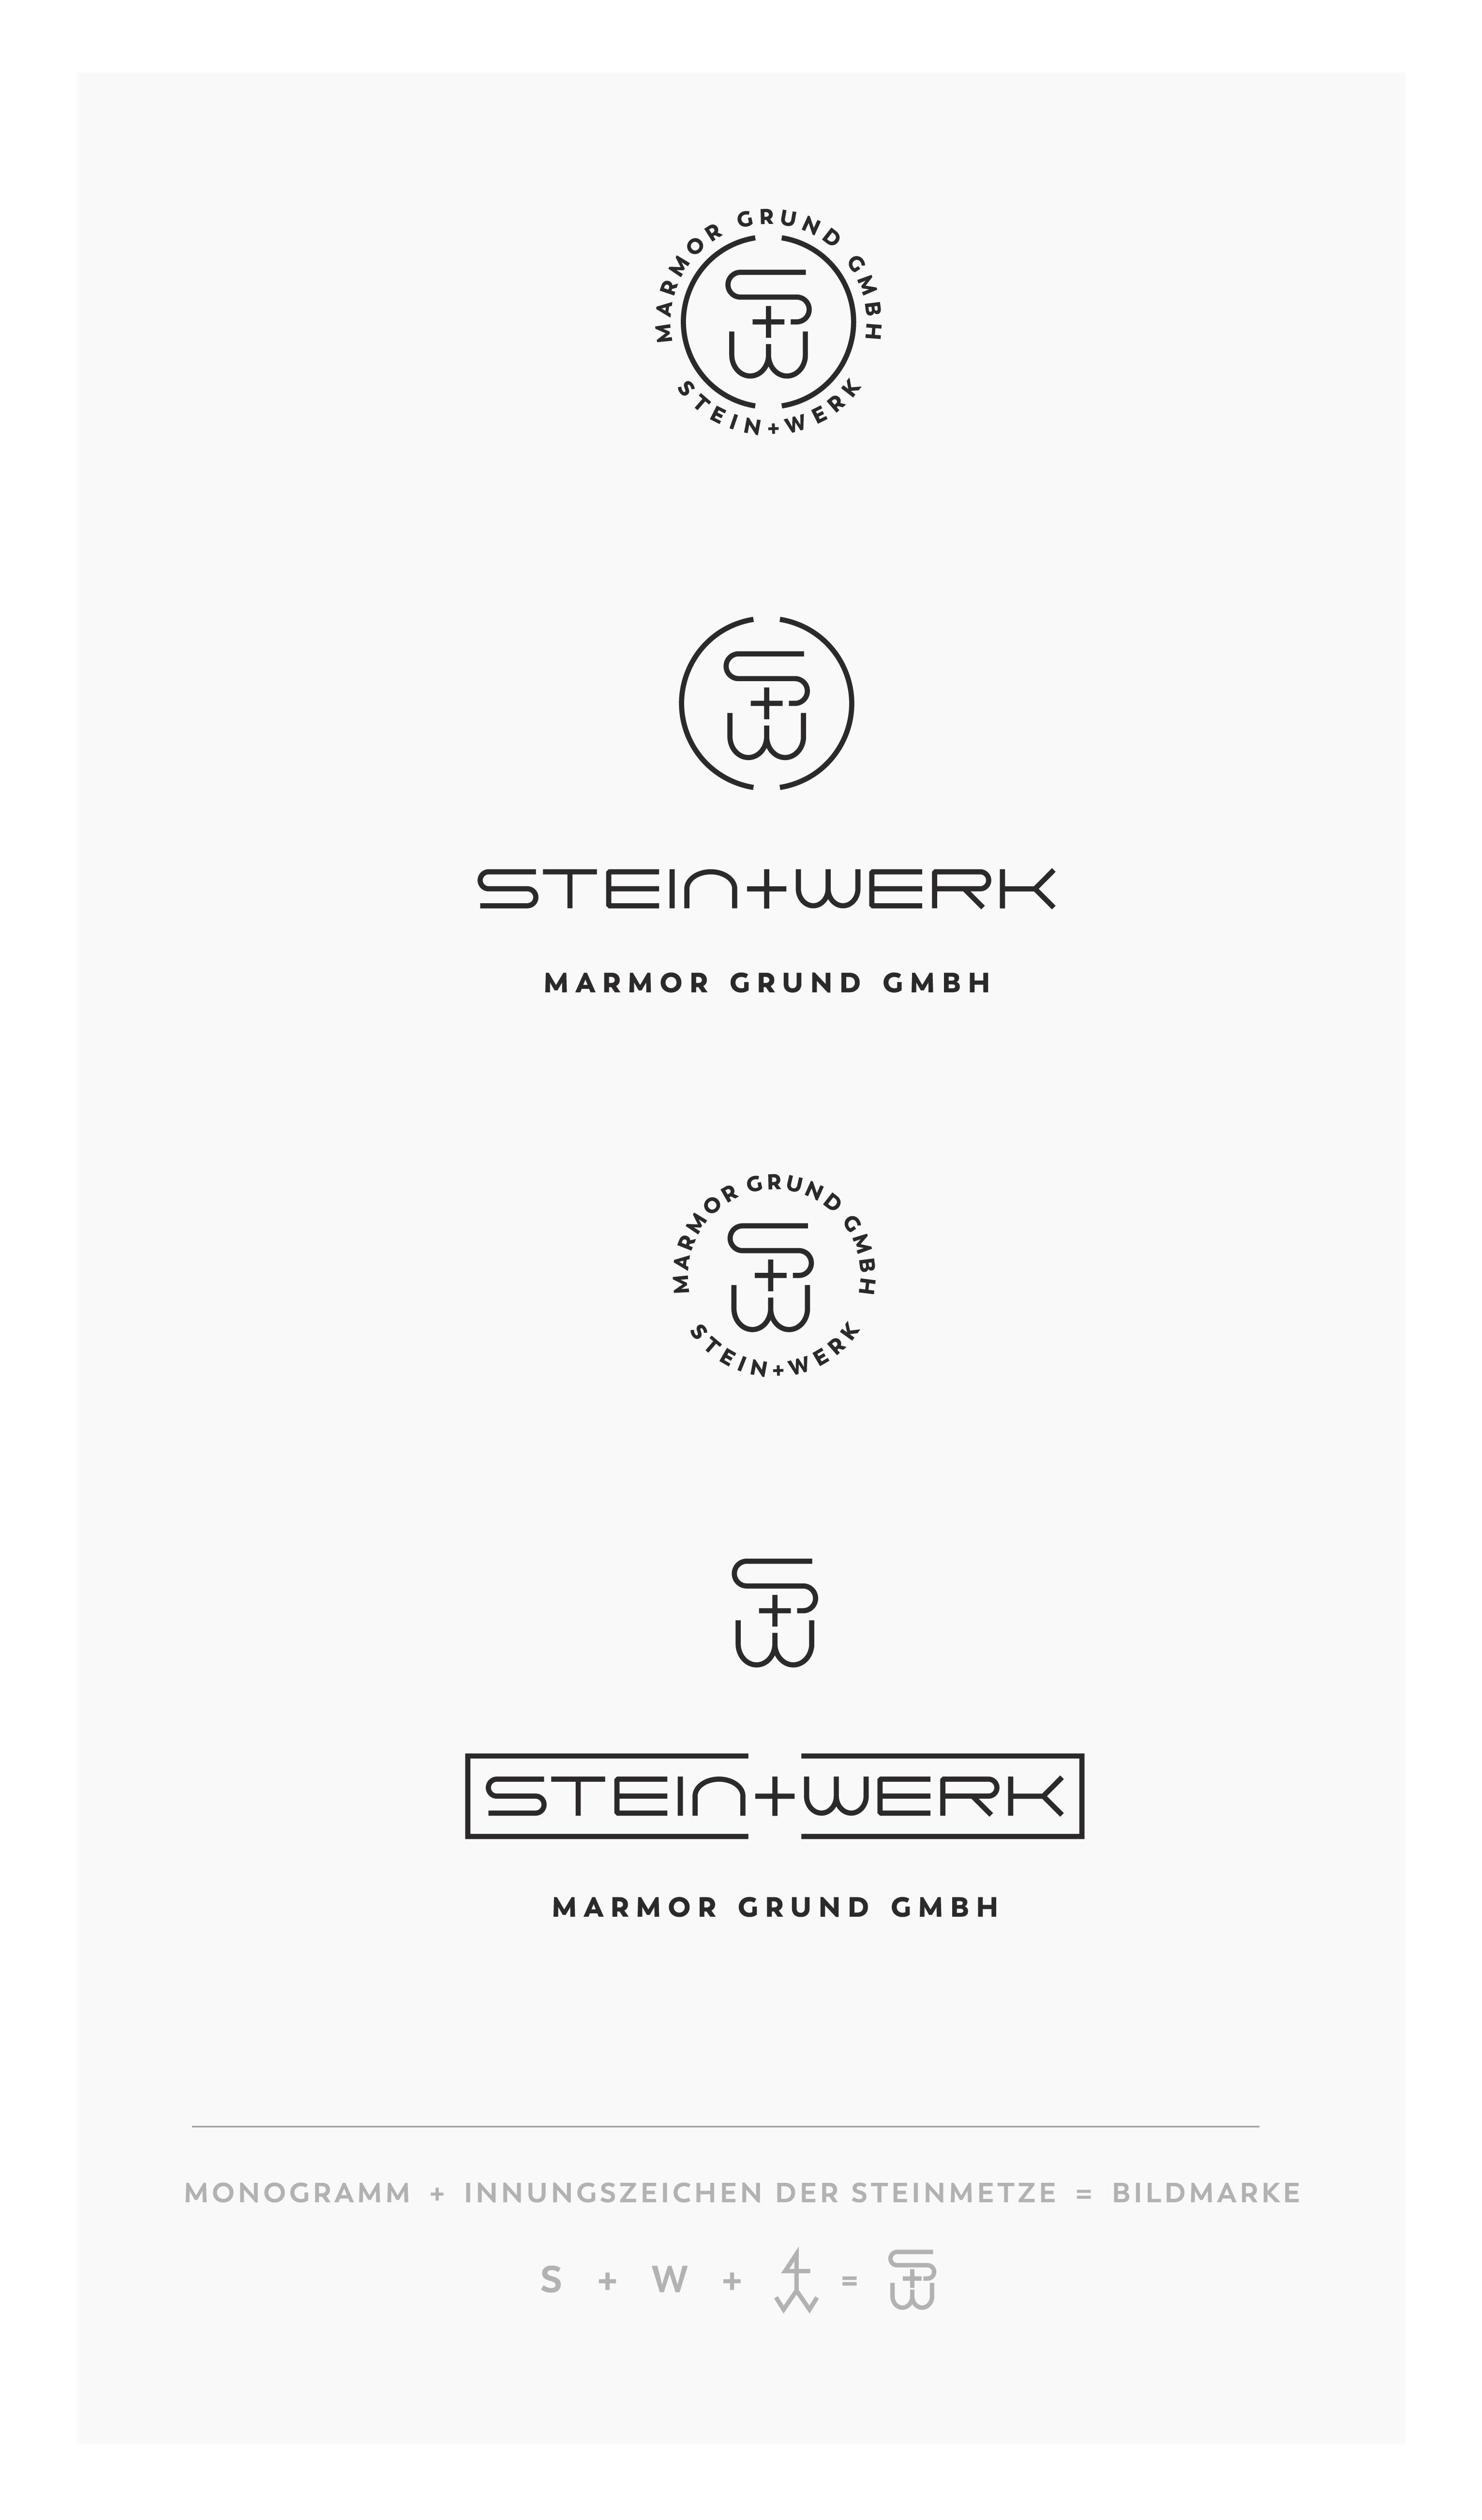 Neue Woche Neue Projekte Redesign Der Wort Bild Marke In Zwei Variationen Stein Werk Mamorgrund Kampagne Meisterwerk Social Media Agentur Neue